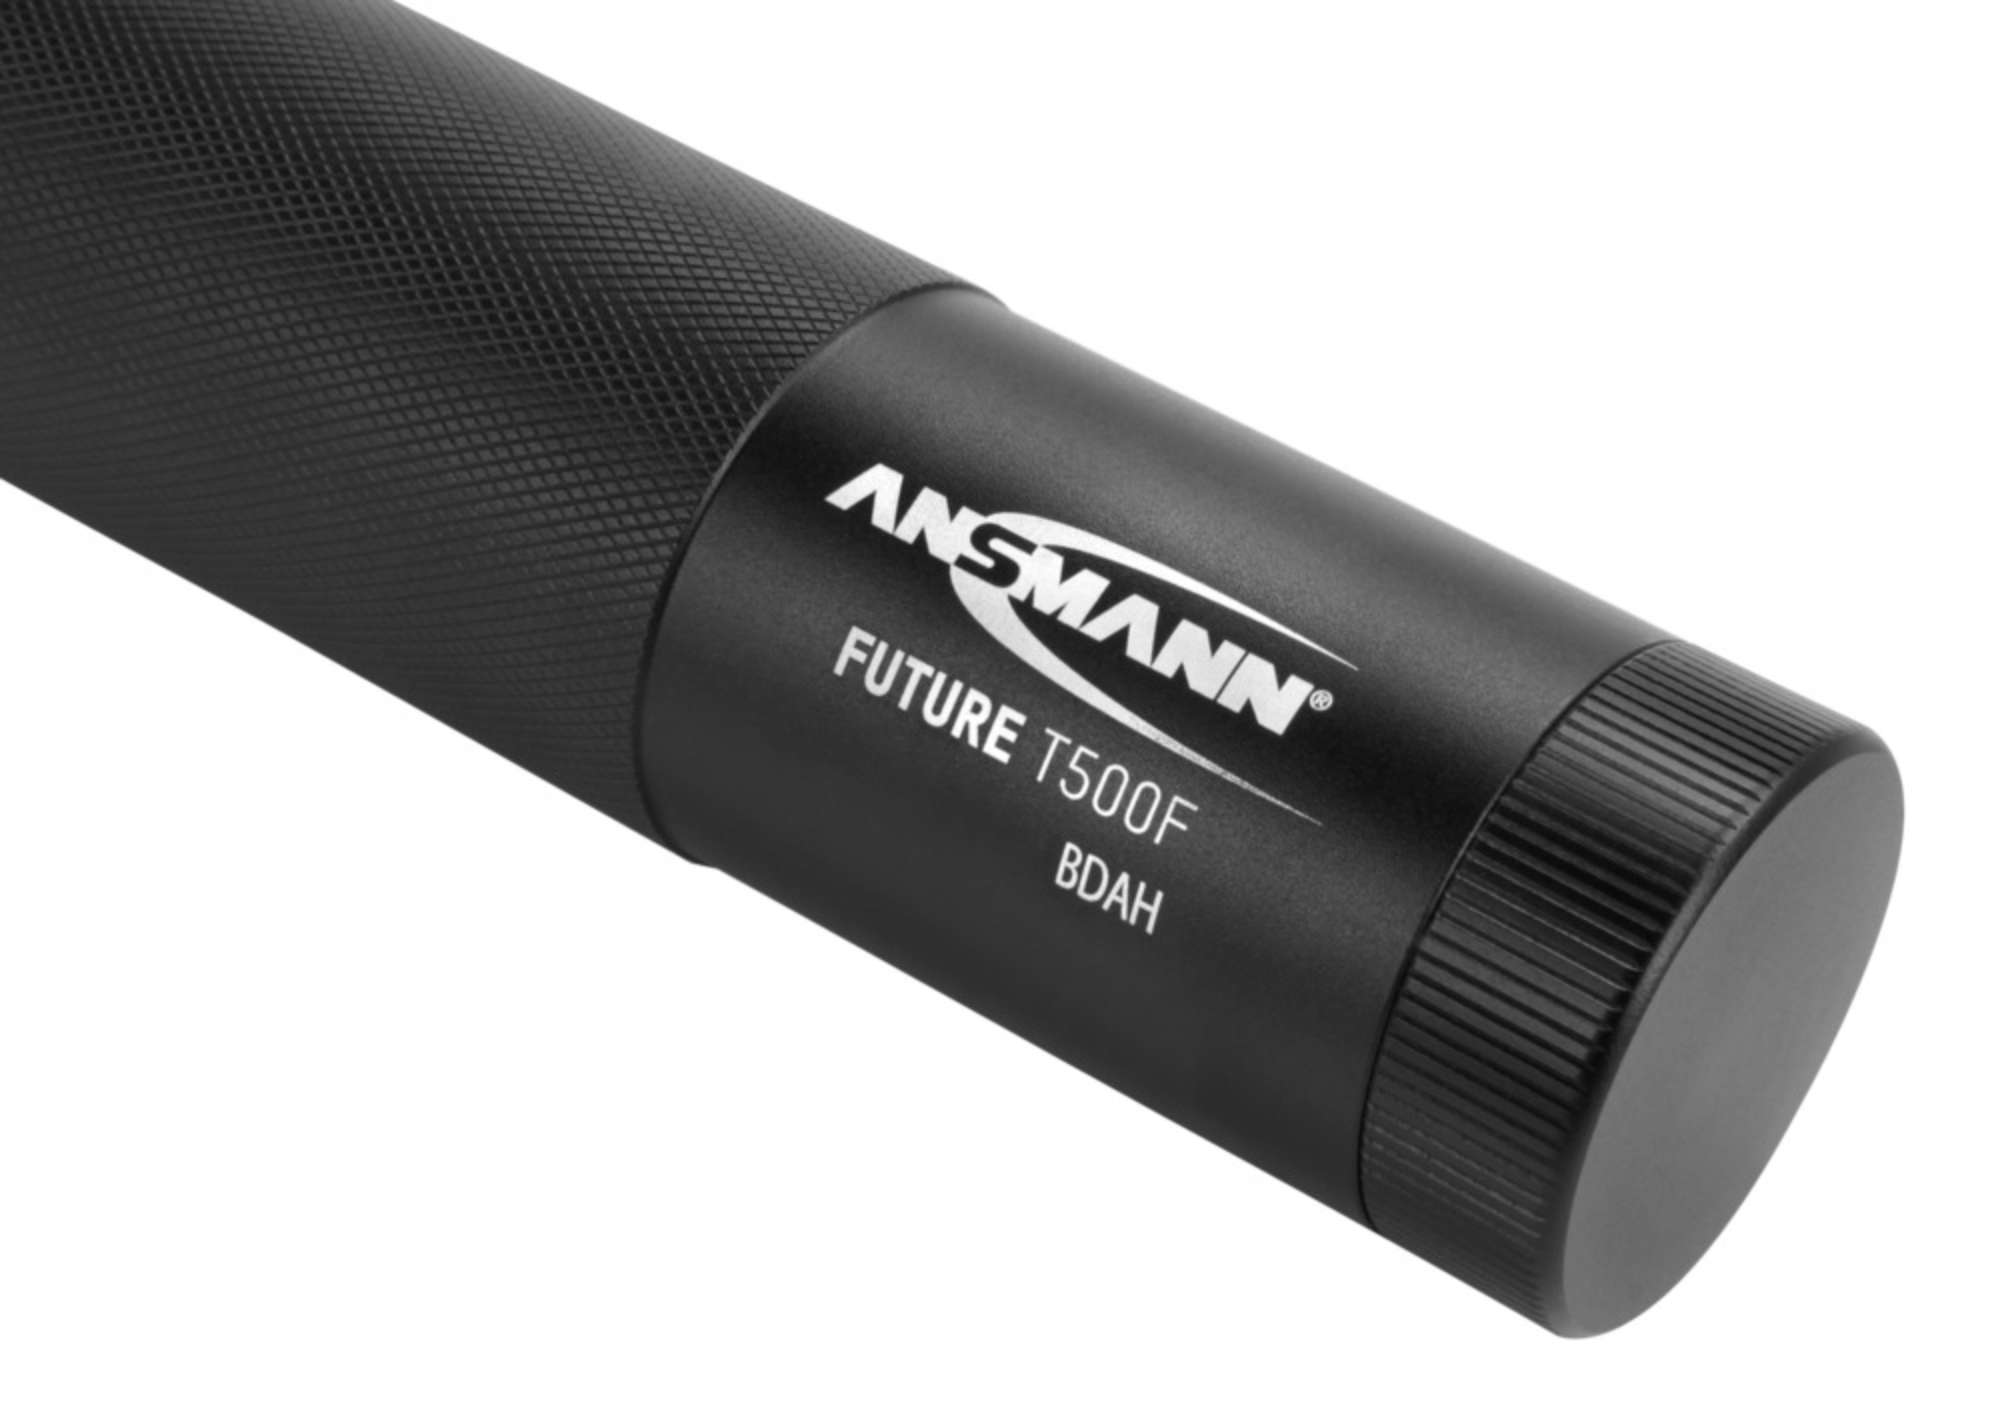 Future T500F